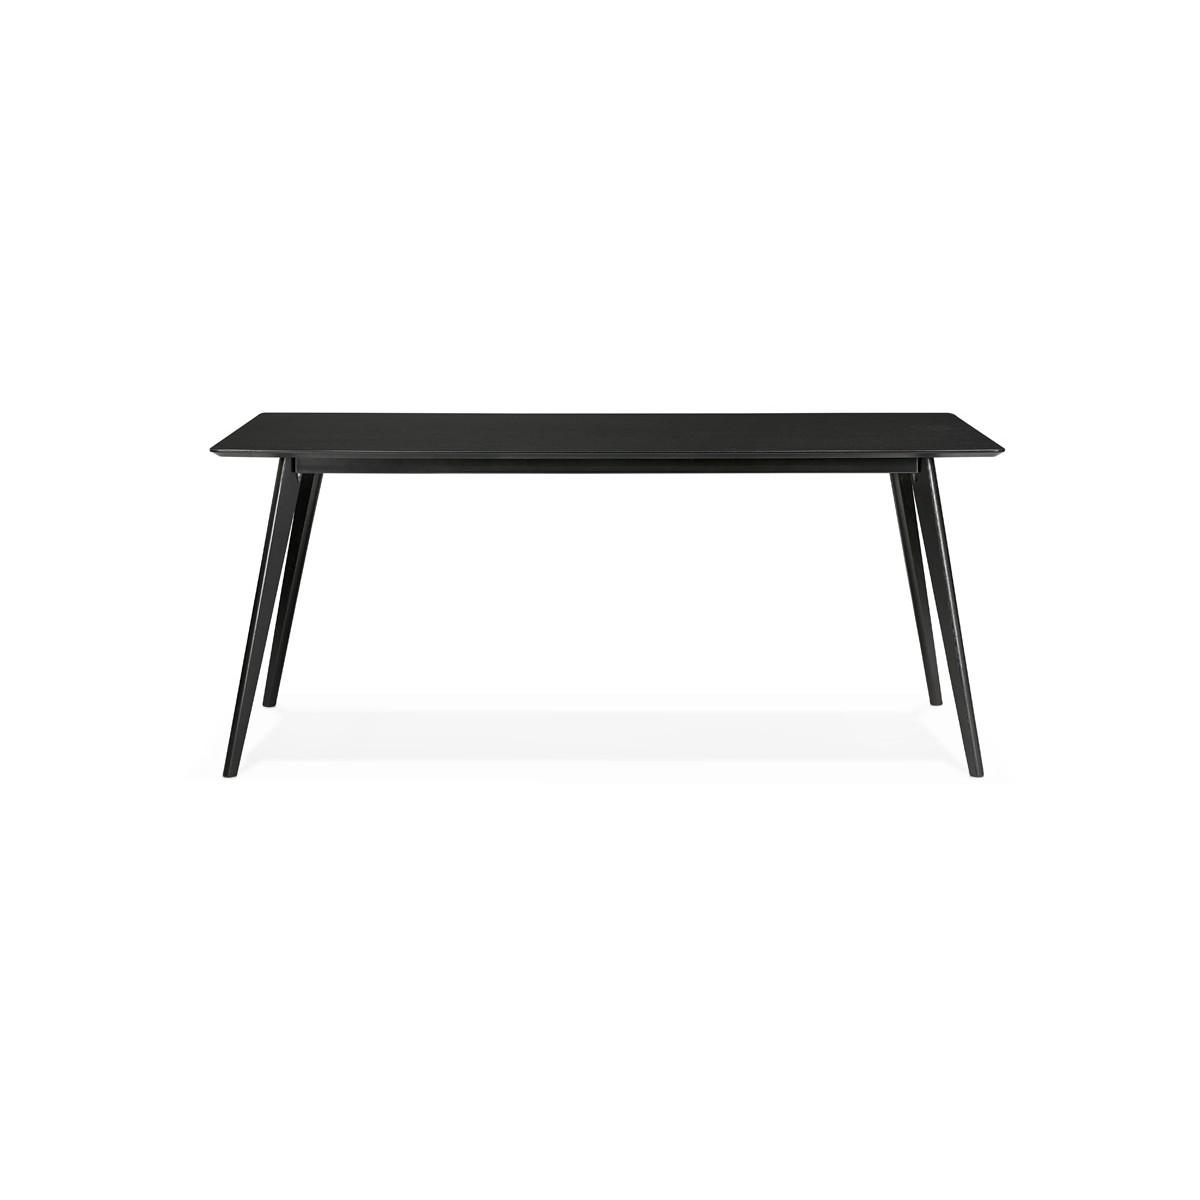 Couleur Noir//Noir Mesures 120 X 80 X 75,5 cm Table /À Manger- Mod/èle Karla Mod/èle en Mati/ère Cristal//M/étal MOMMA HOME